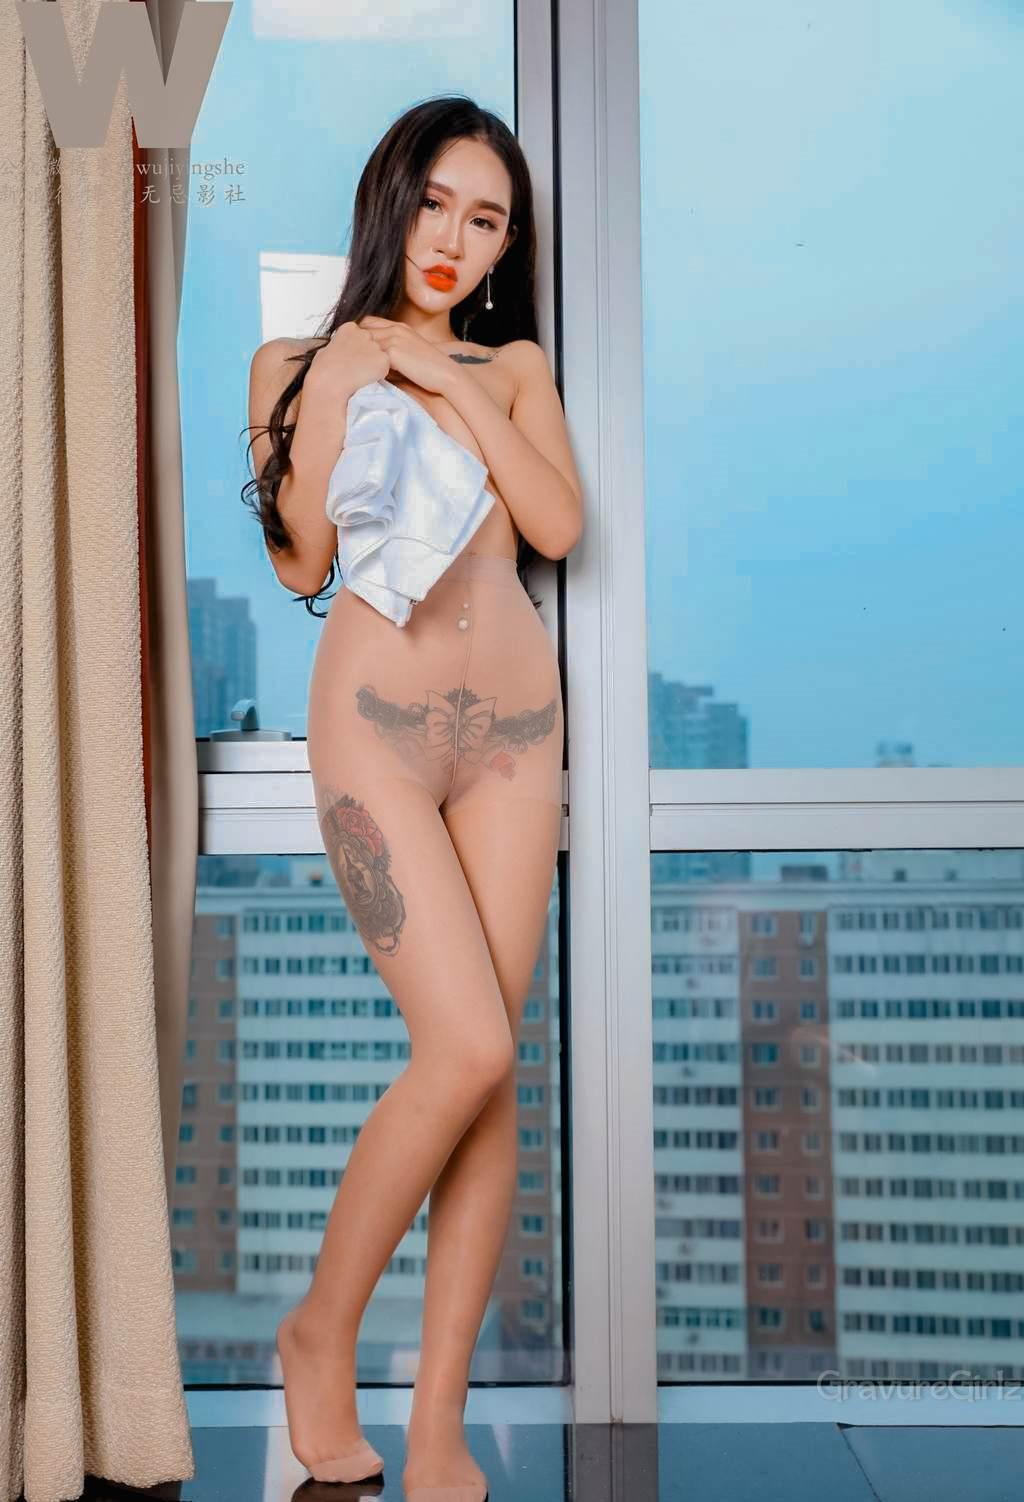 欣杨Kitty Xin Yang | Nude Art | WuJiYingShe无忌影社 – Page 7 ...